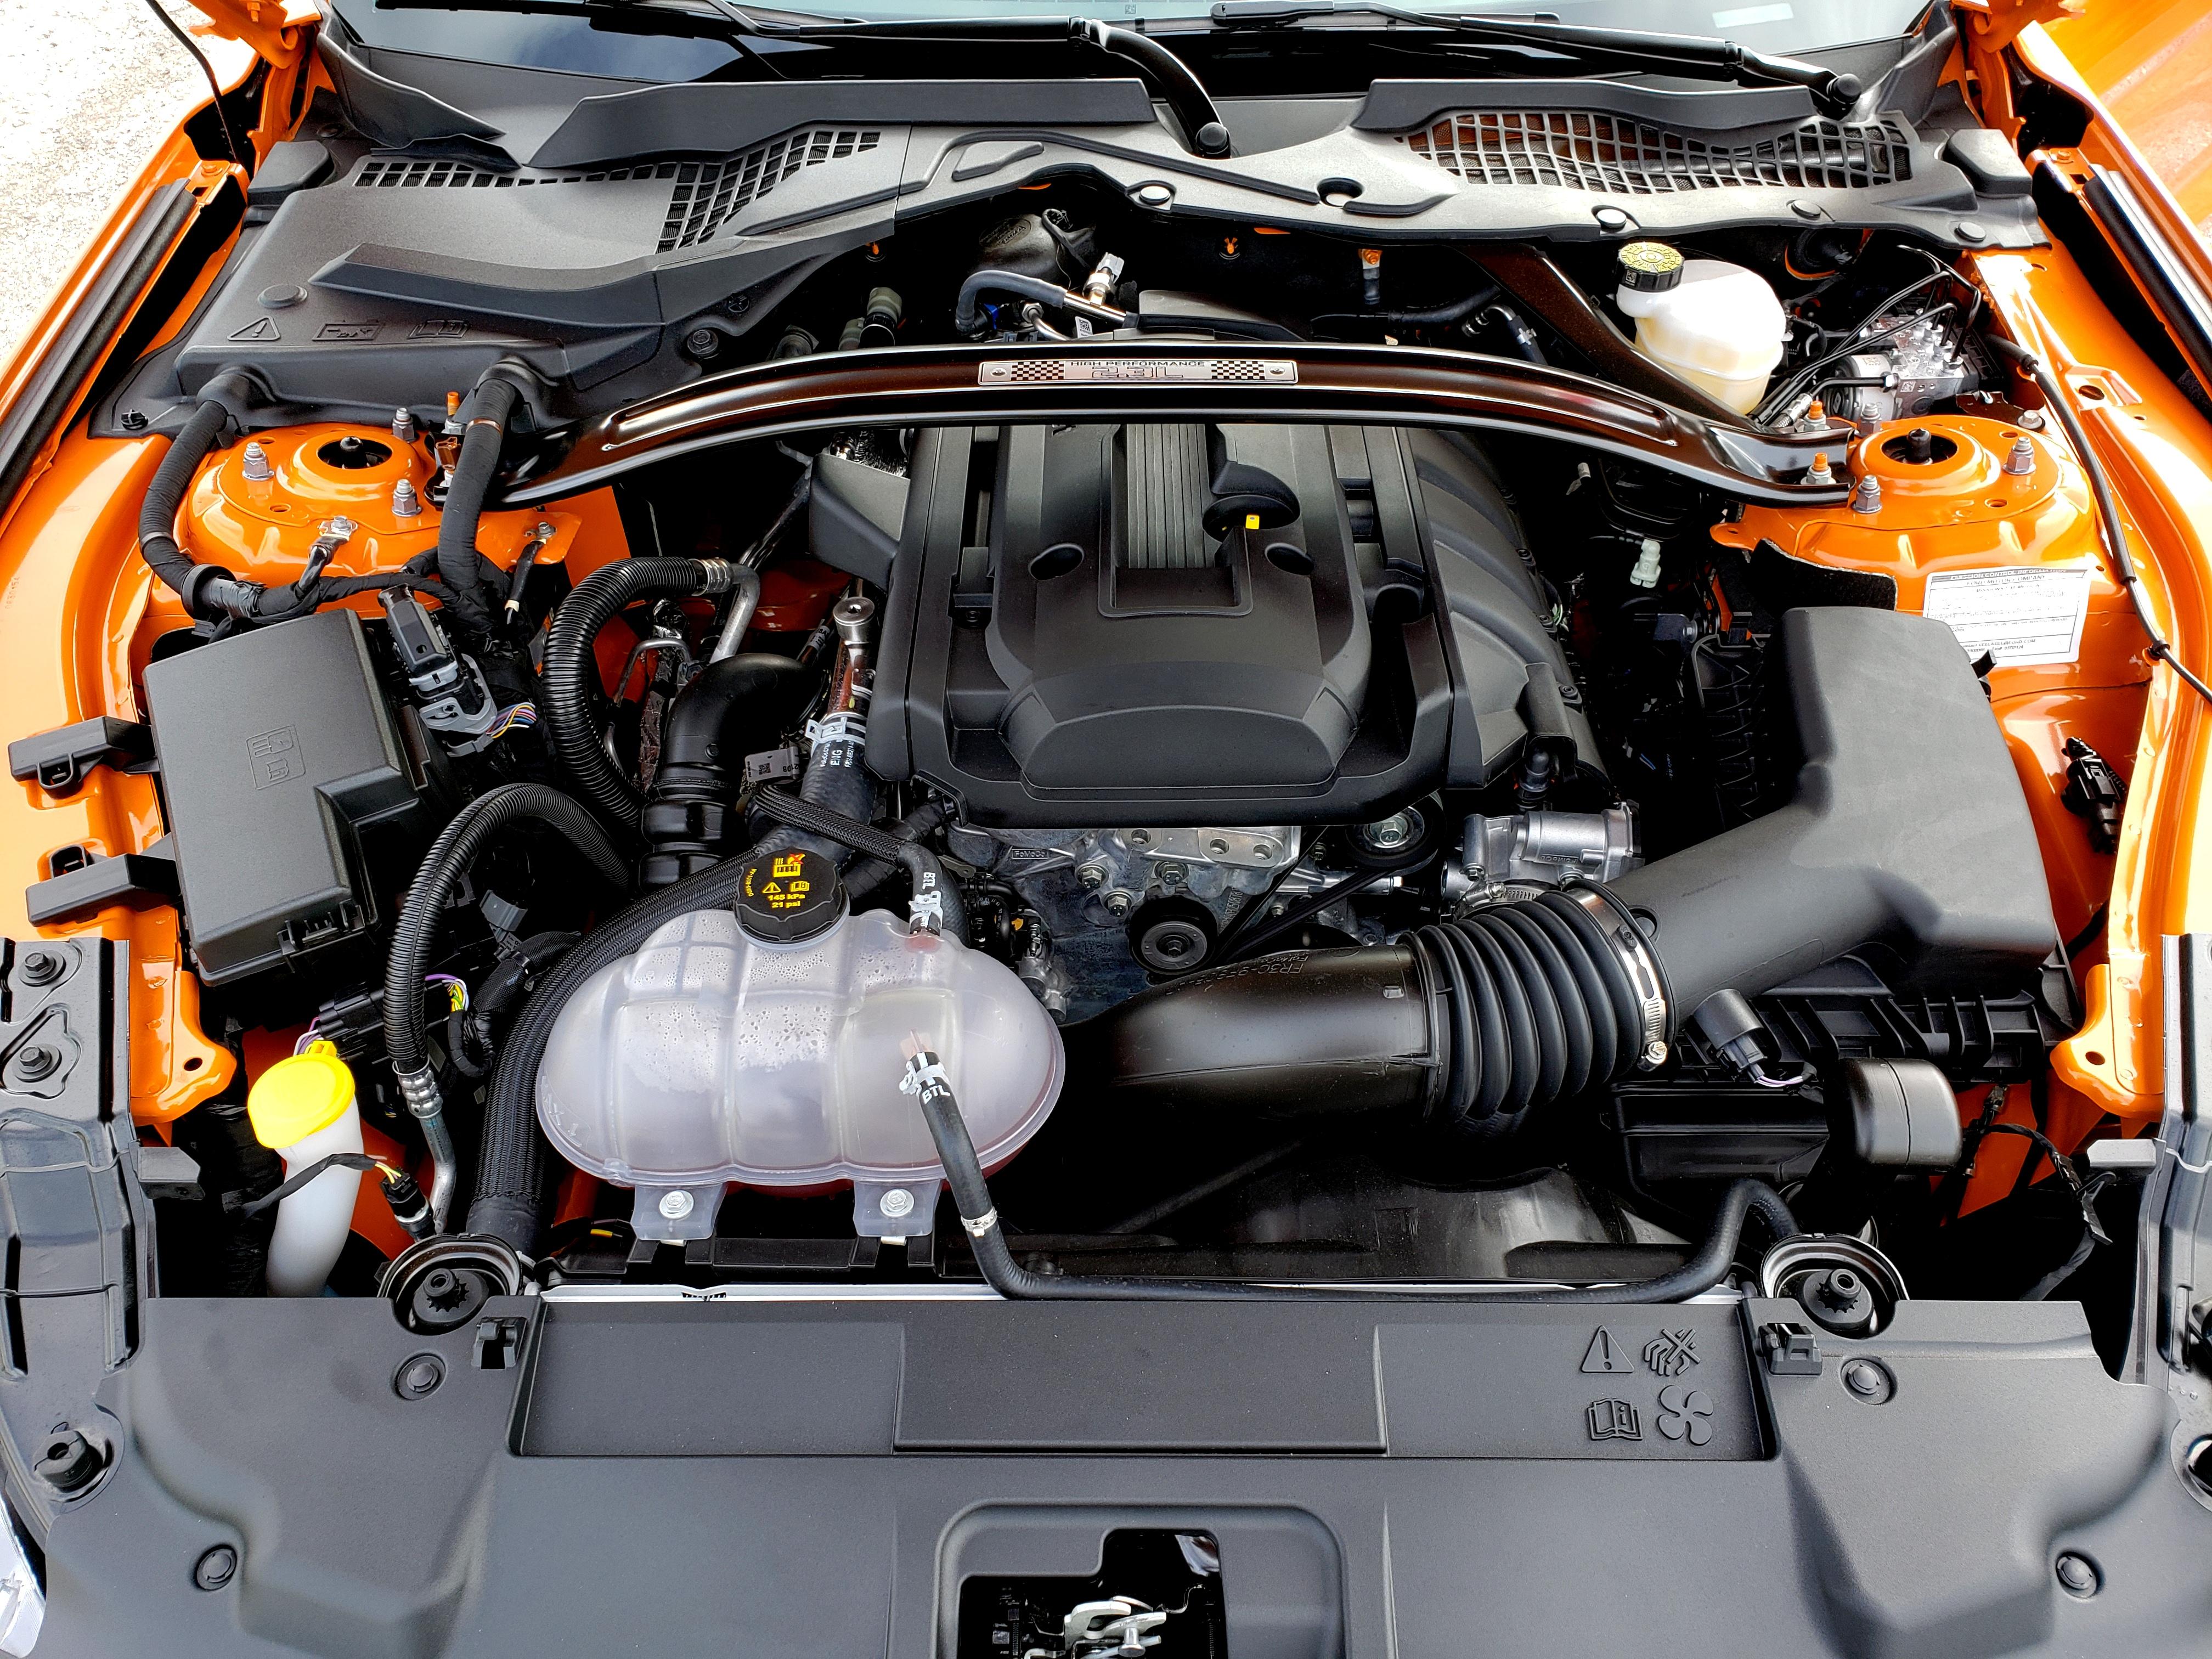 Motor 2.3 EcoBoost veio do Focus RS, mas está instalado na longitudinal pois a tração é traseira